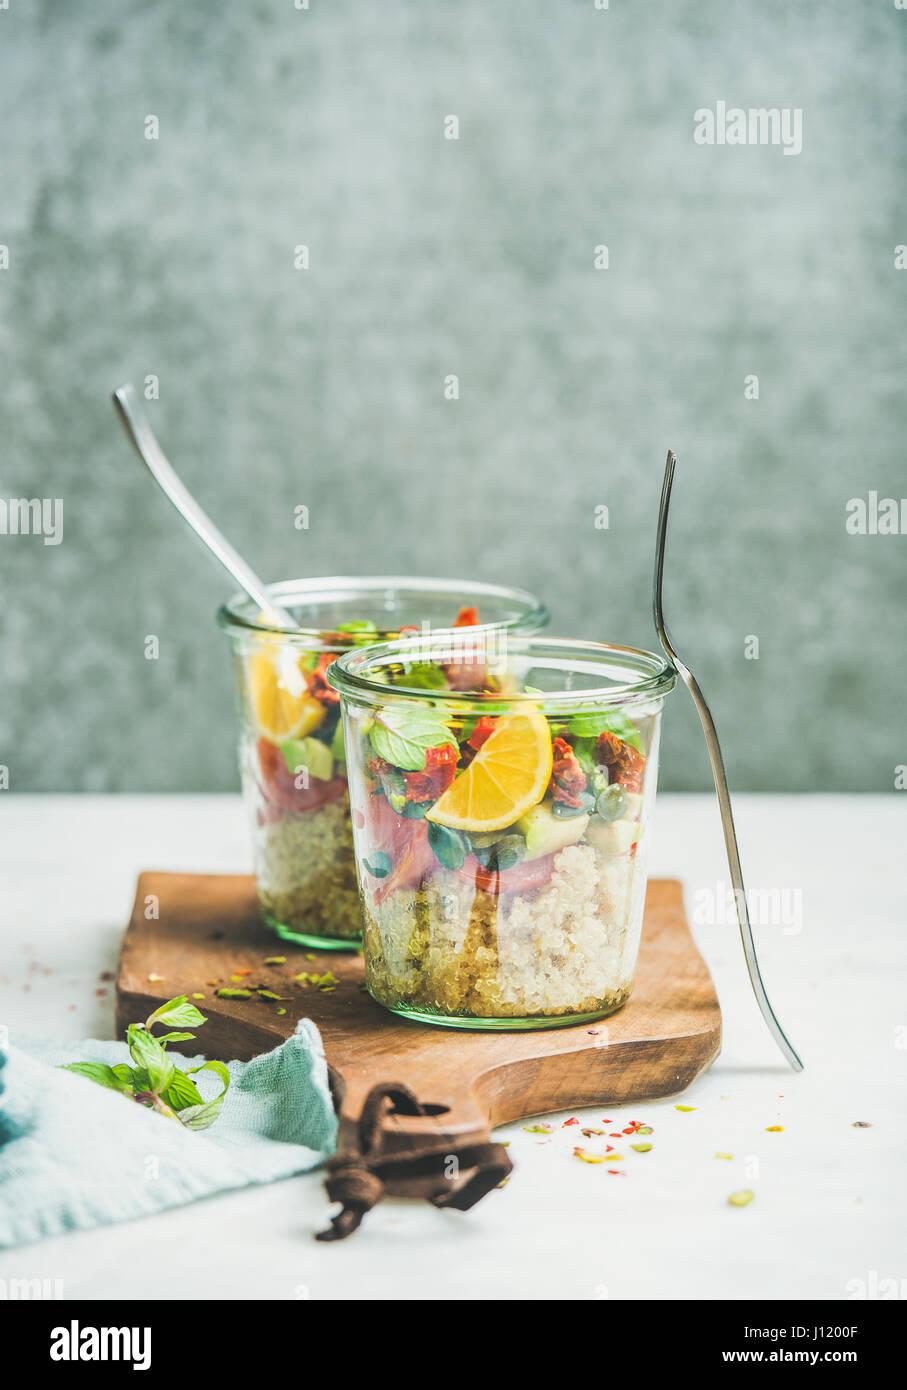 Salade saine avec quionoa, Avocat, tomates séchées, basilic et orange Photo Stock